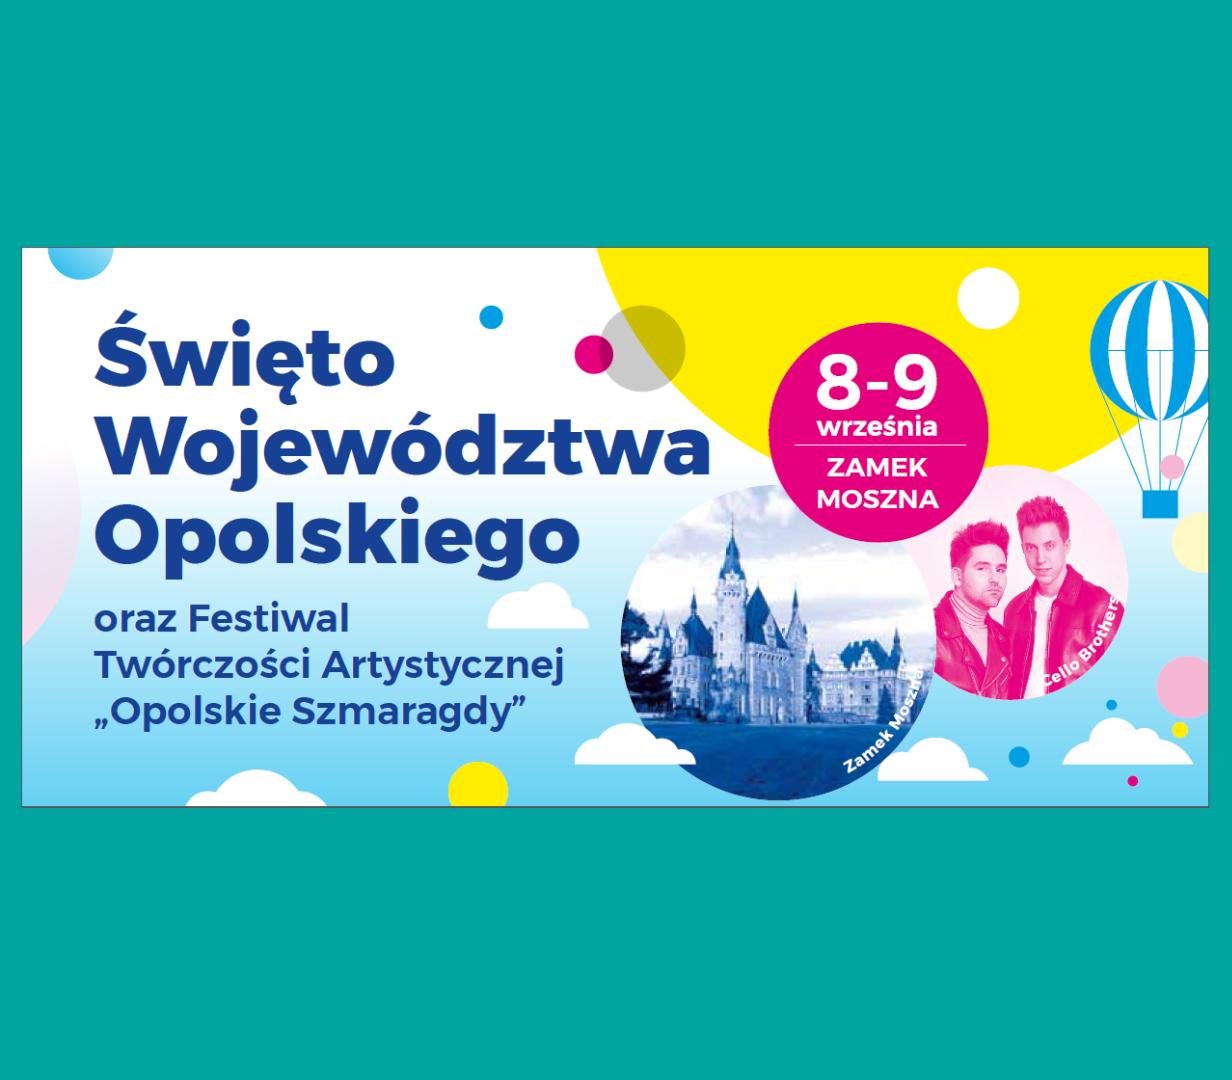 Święto Województwa Opolskiego - zaproszenie